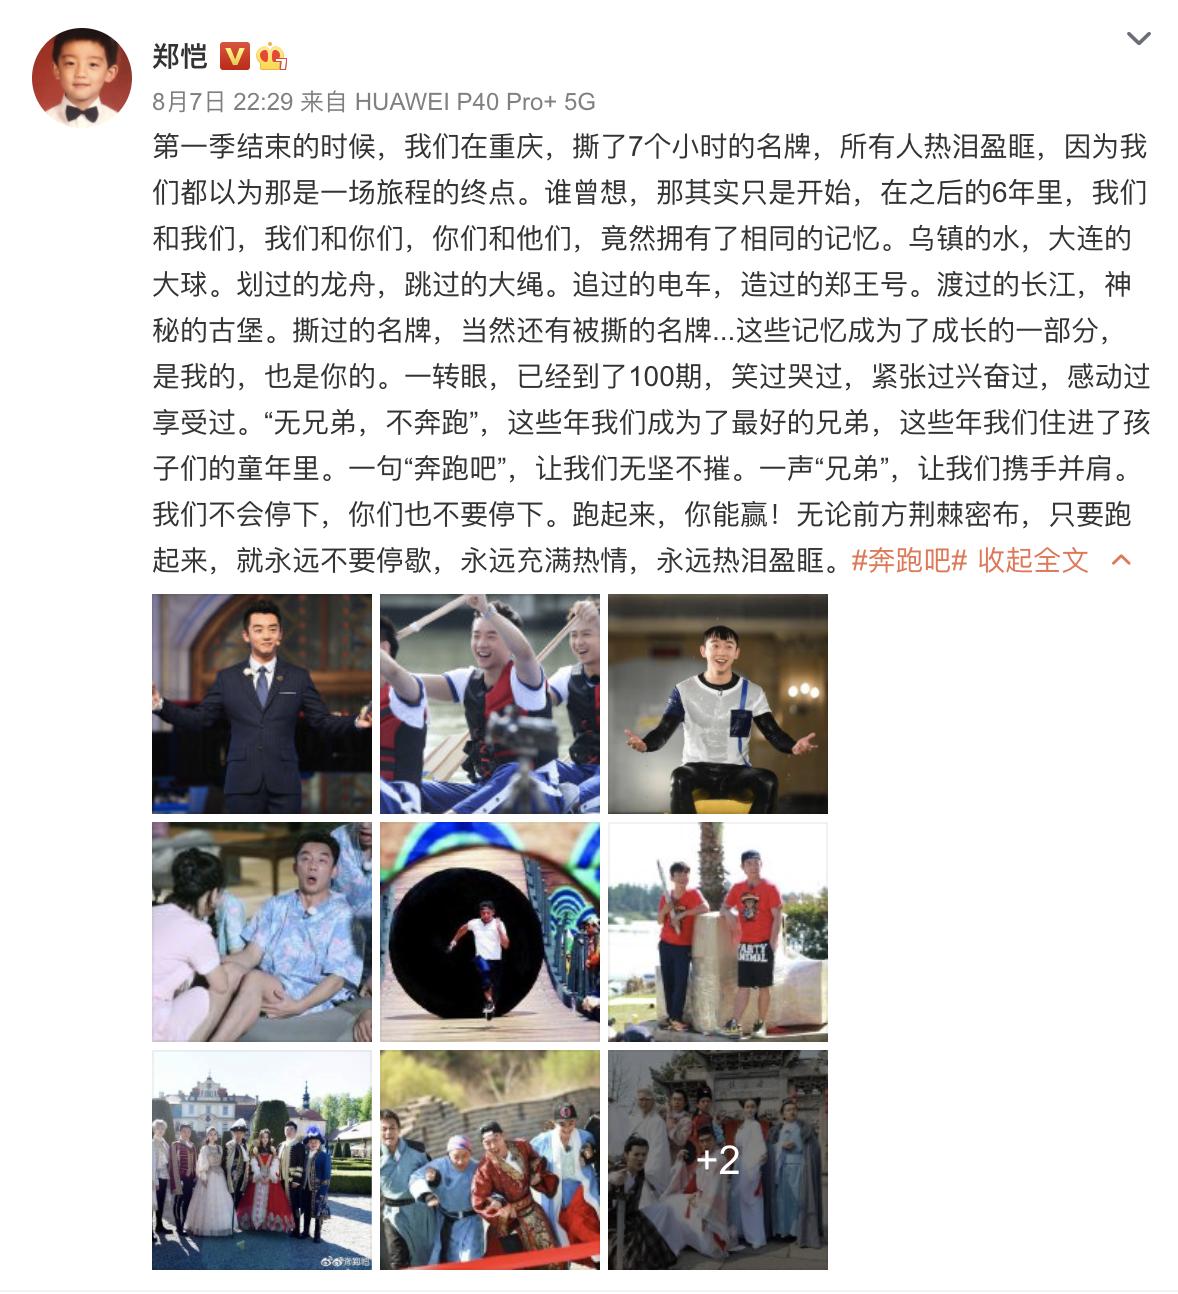 郑恺发文回忆跑男100期,成为唯一全勤嘉宾